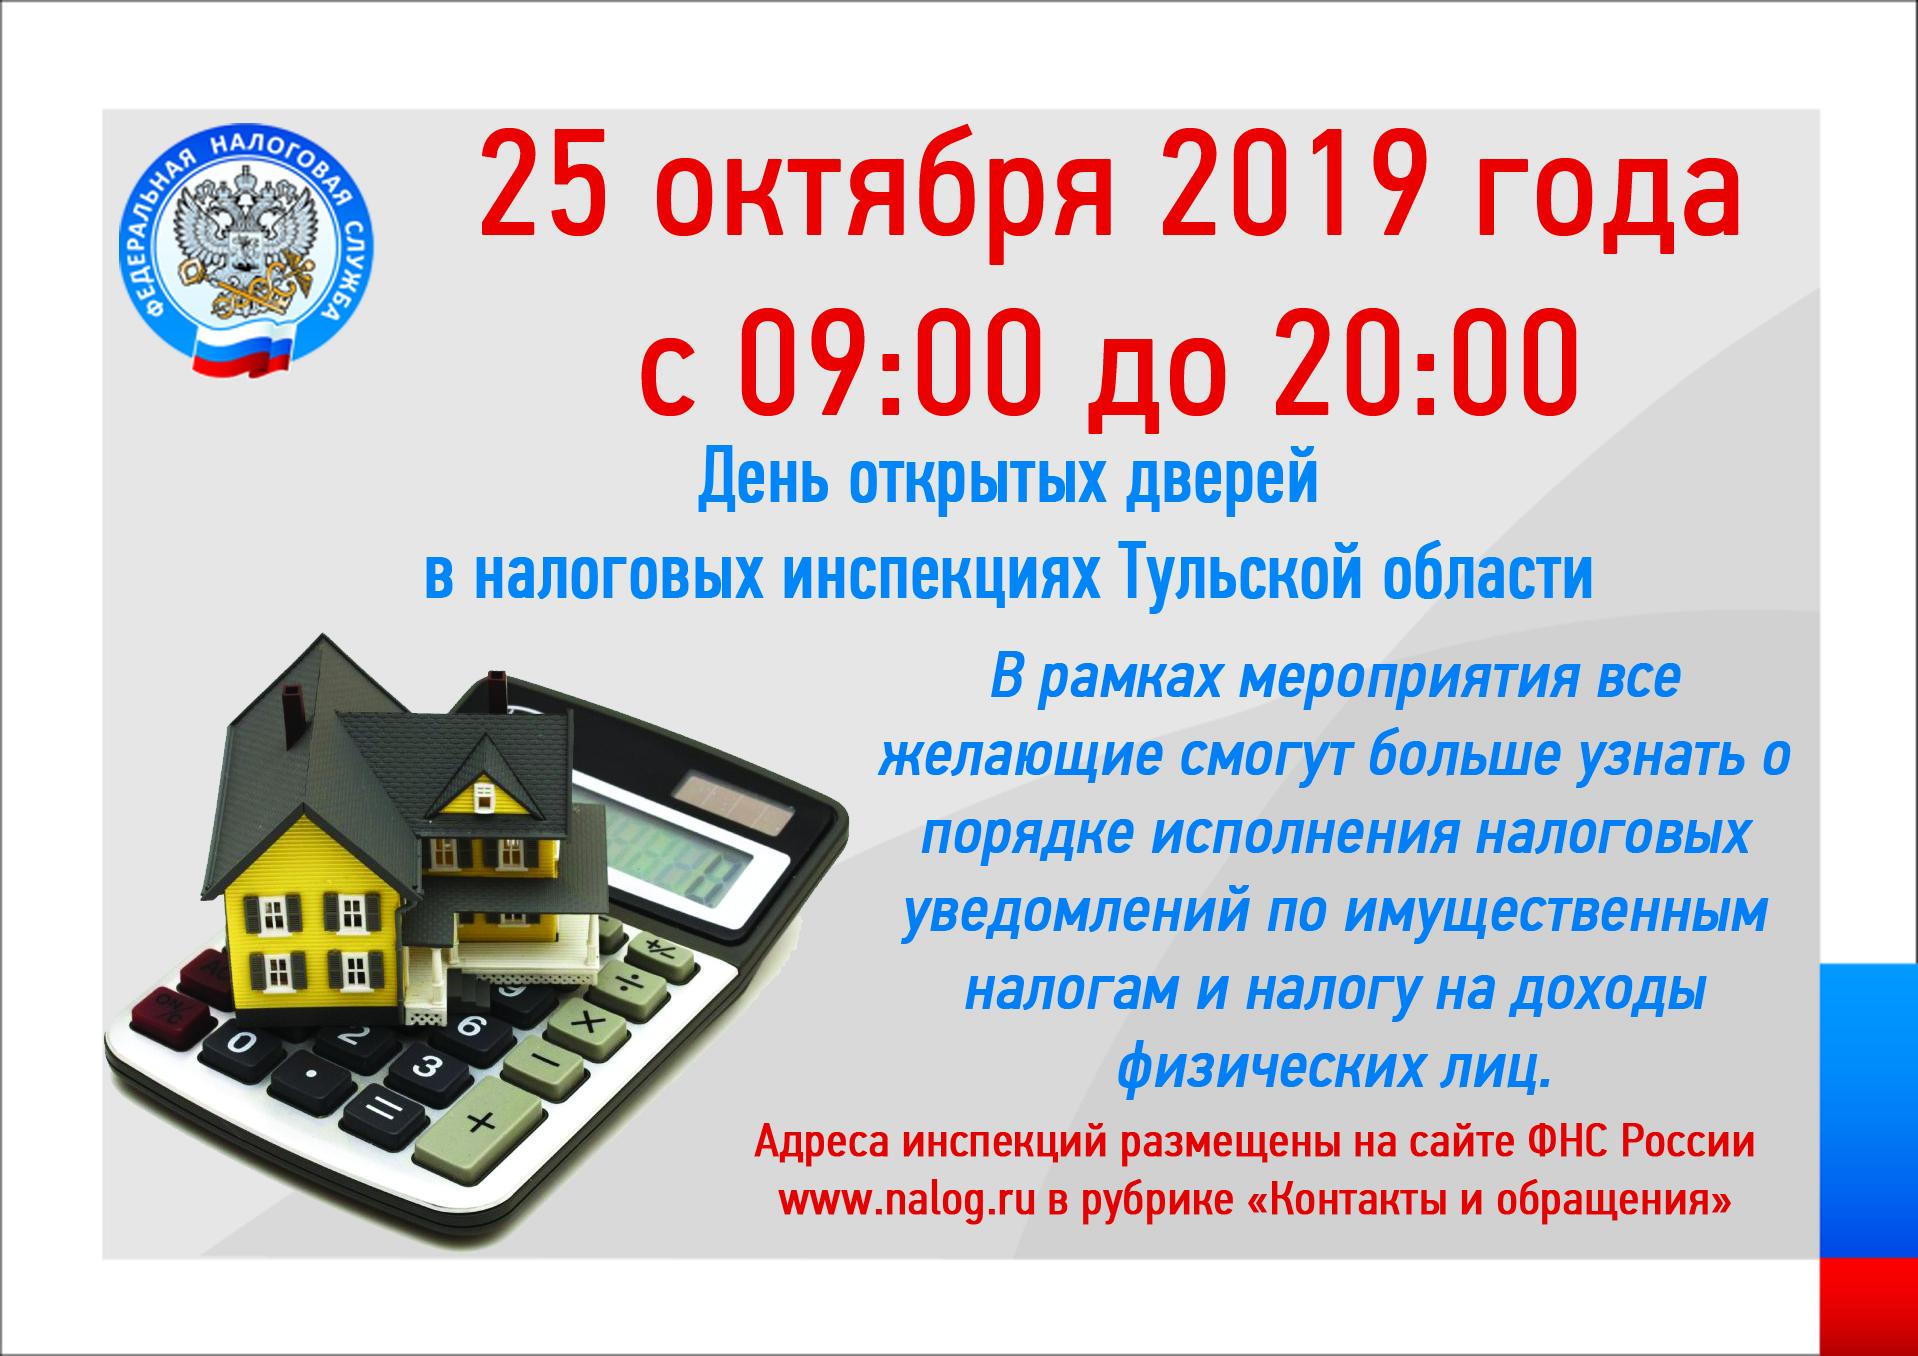 25 октября в Новомосковске пройдет День открытых дверей для налогоплательщиков